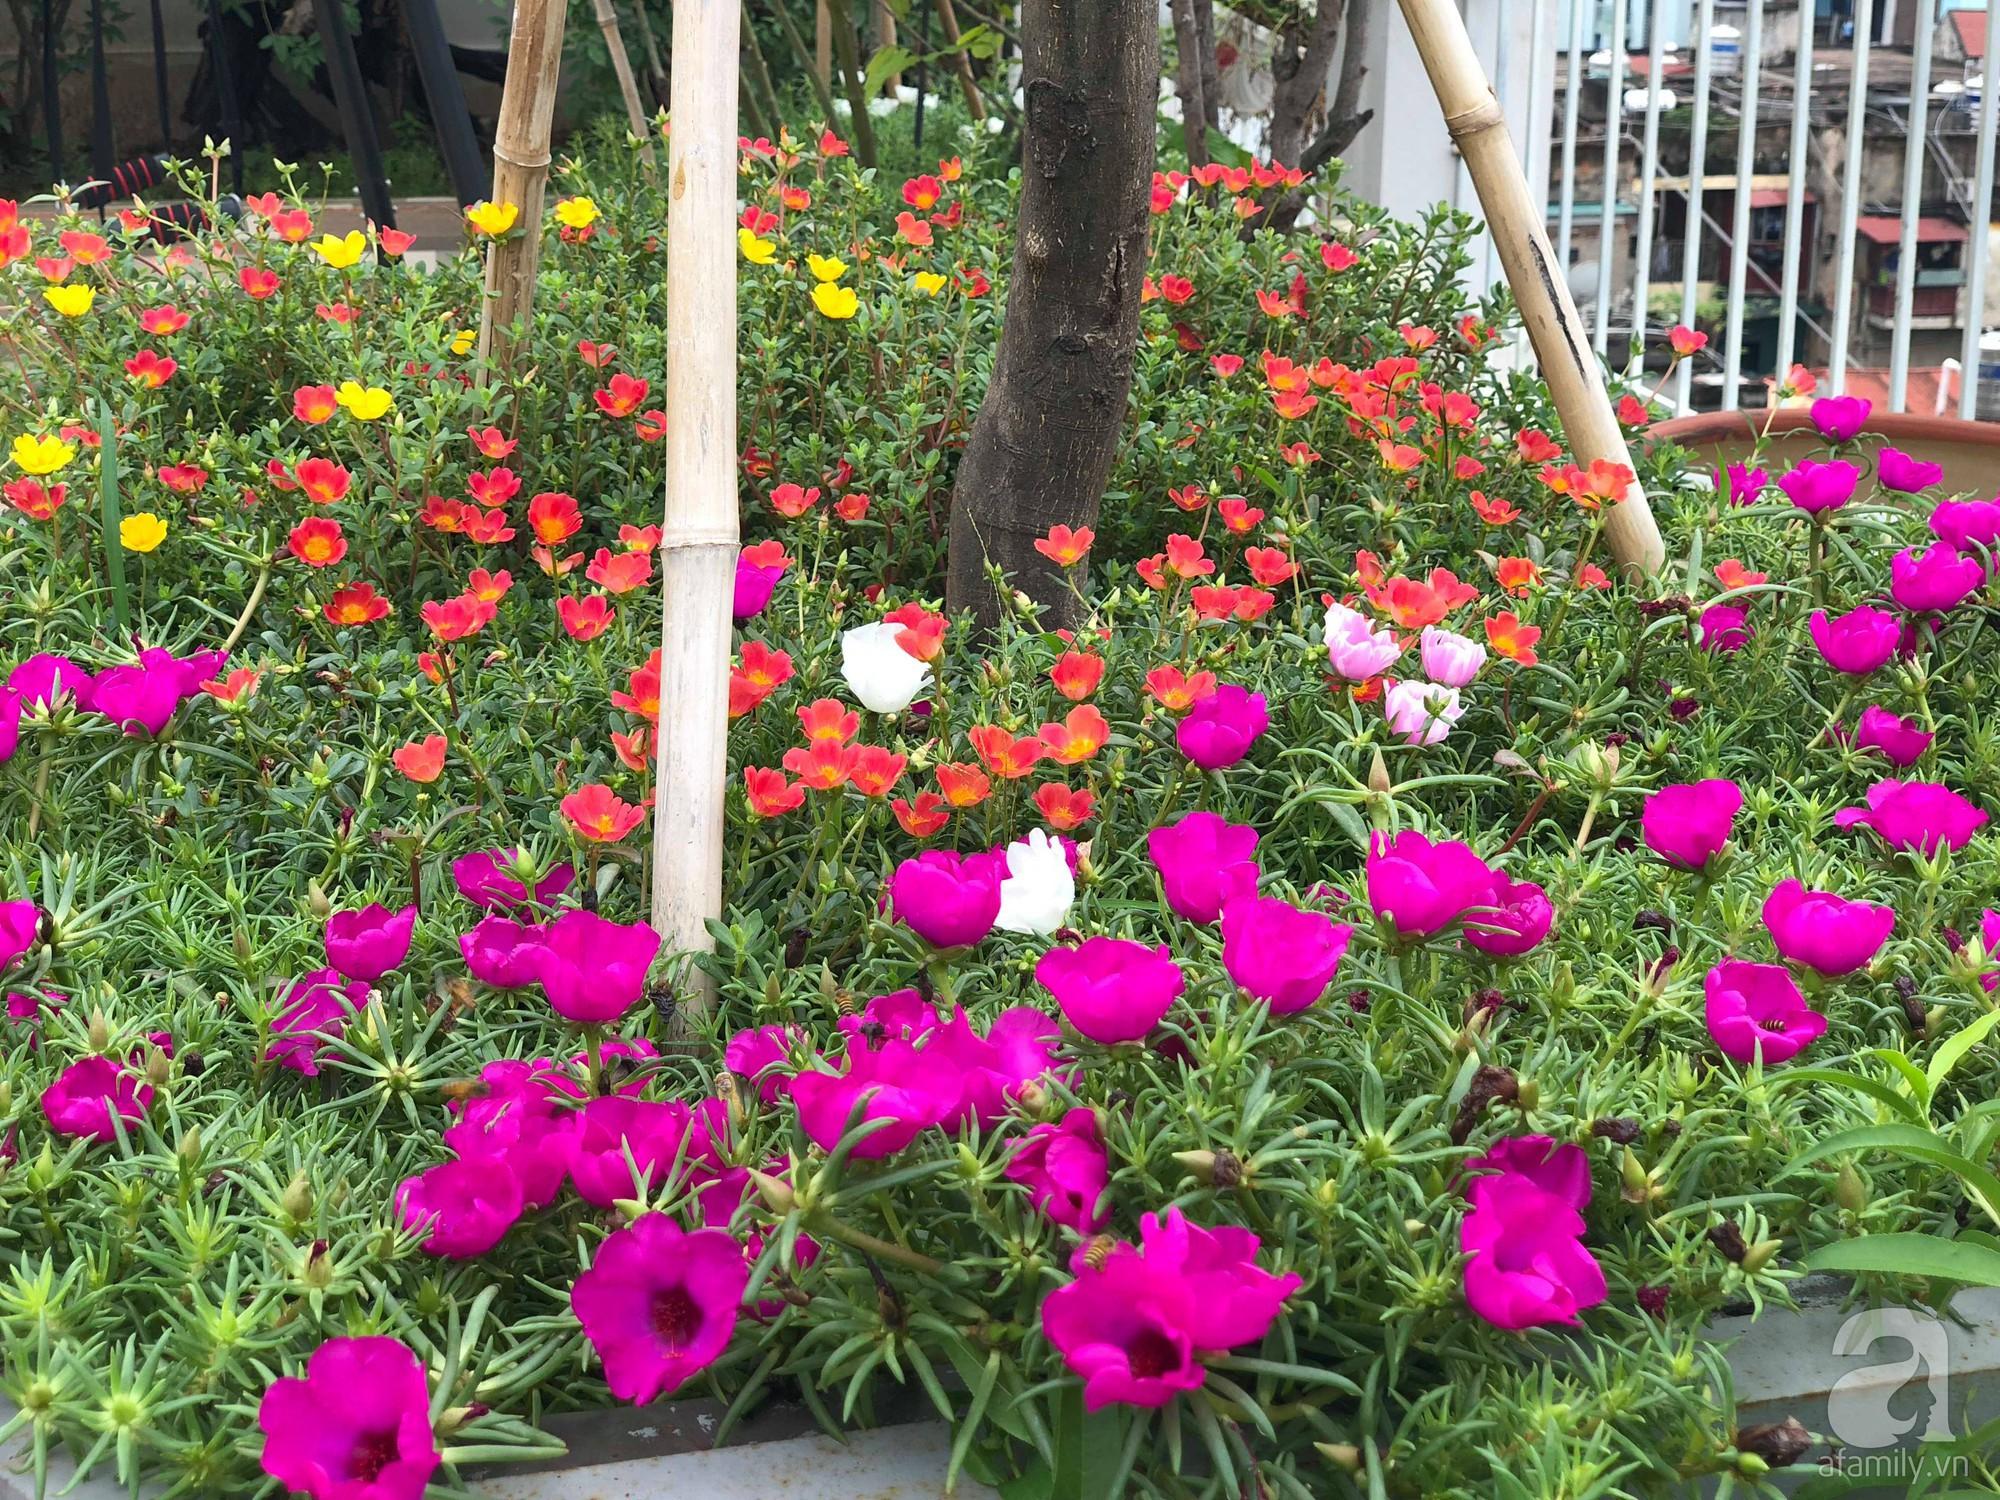 Khu vườn trên sân thượng rộng 200m² đẹp ngỡ ngàng với trăm loài hoa đua nhau khoe sắc ở Hà Nội - 29